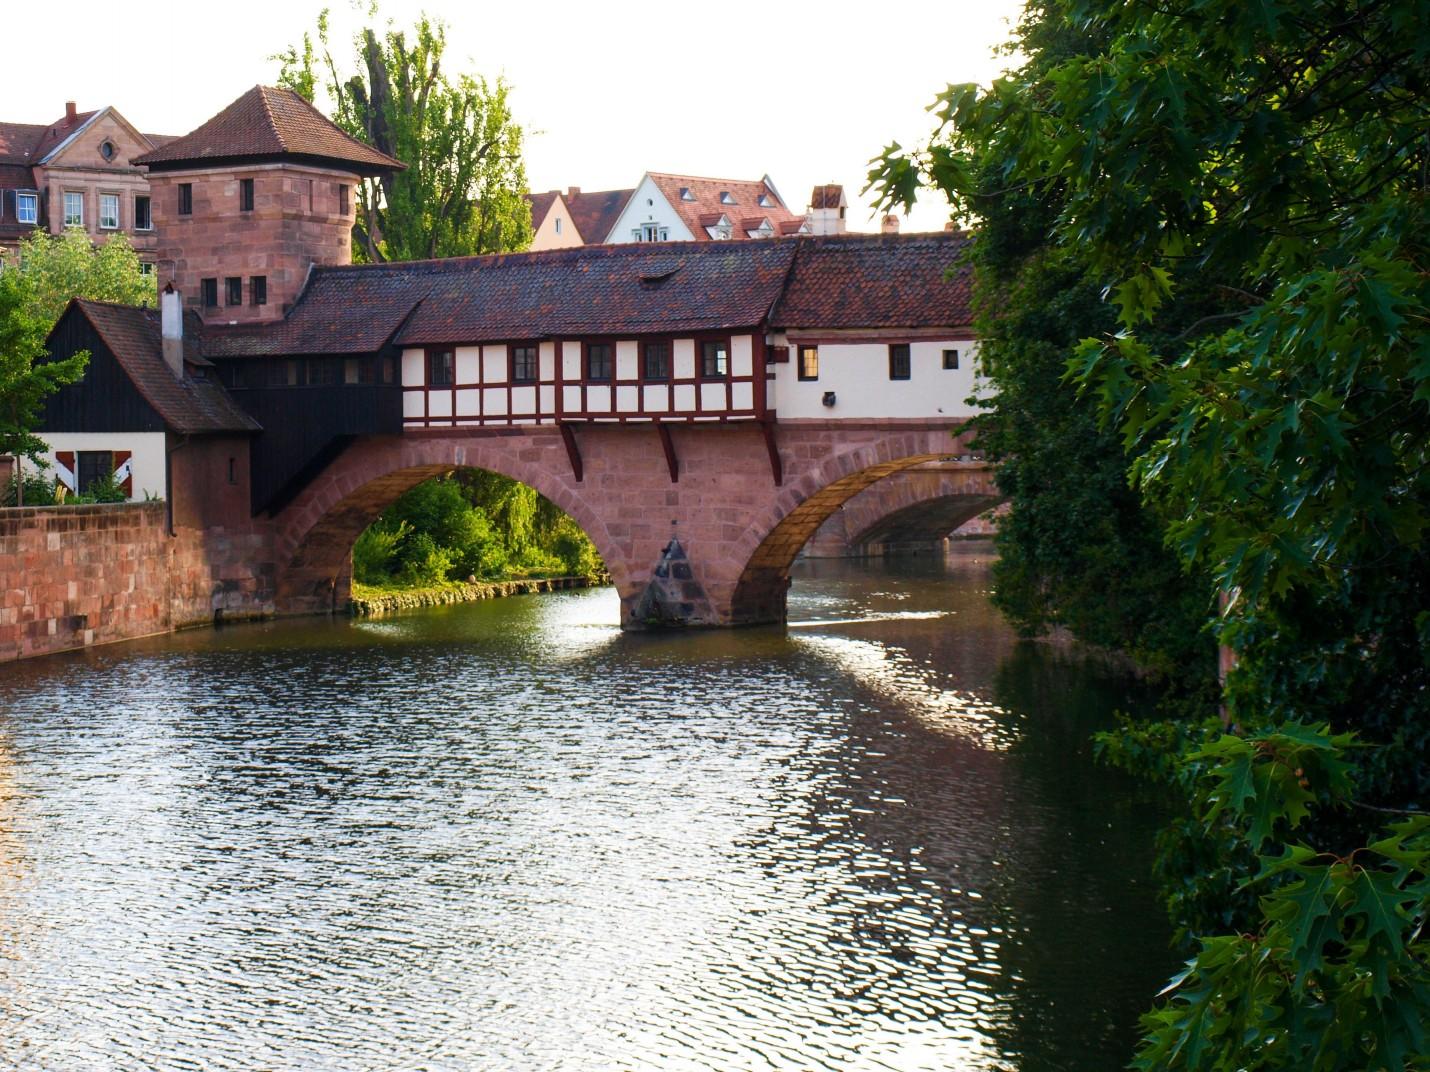 Przechodzę nad malowniczą rzeką. Stopy zaczynają być zmęczone, ale zamek coraz bliżej.